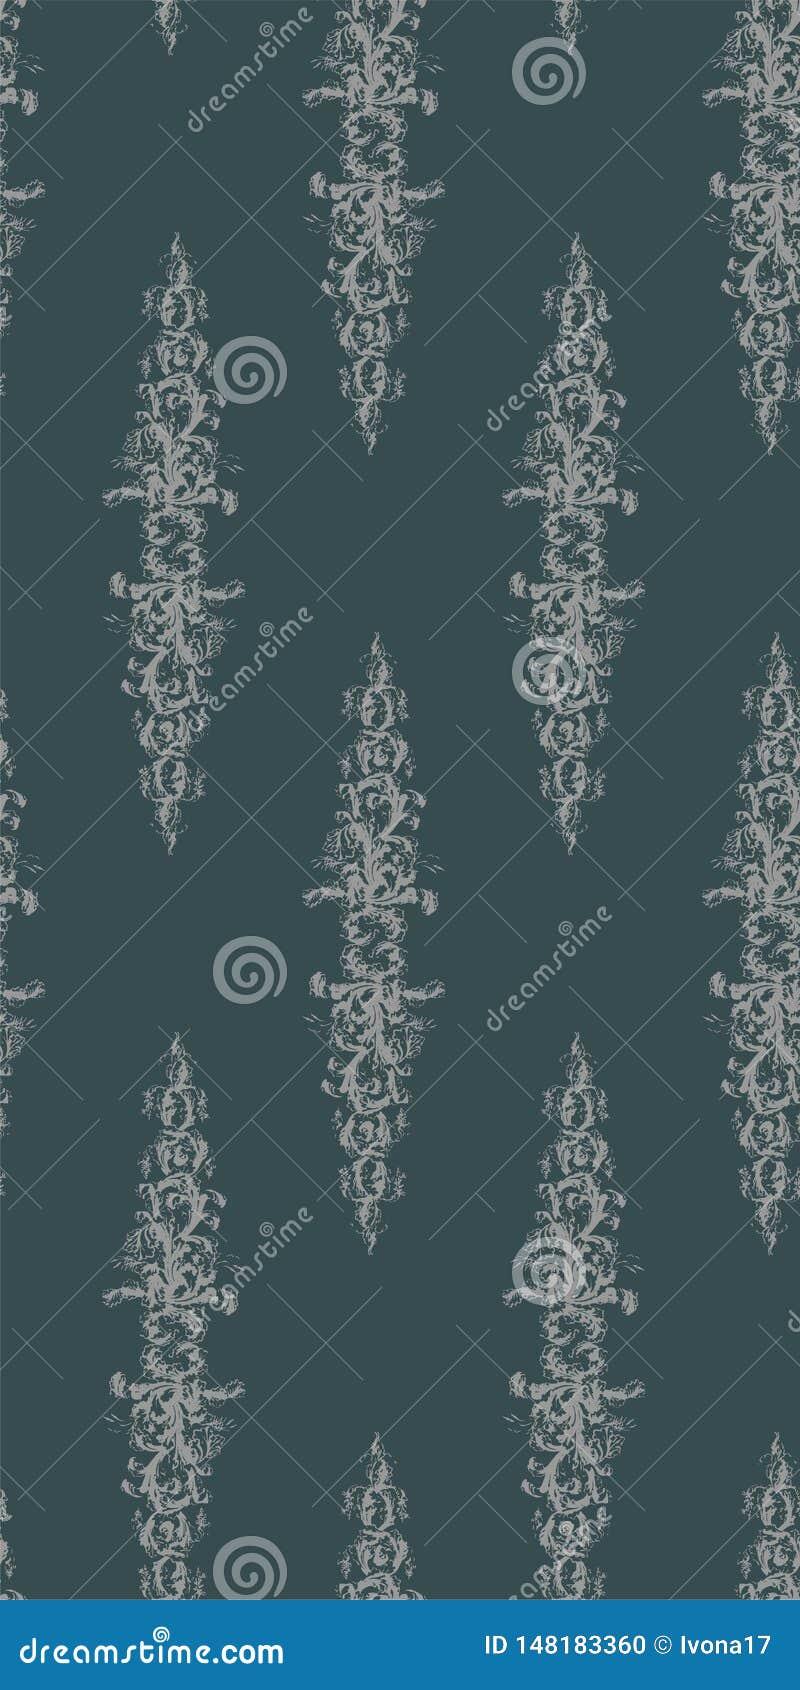 Wallpapper картины затрапезного вектора штофа конспекта безшовного викторианское